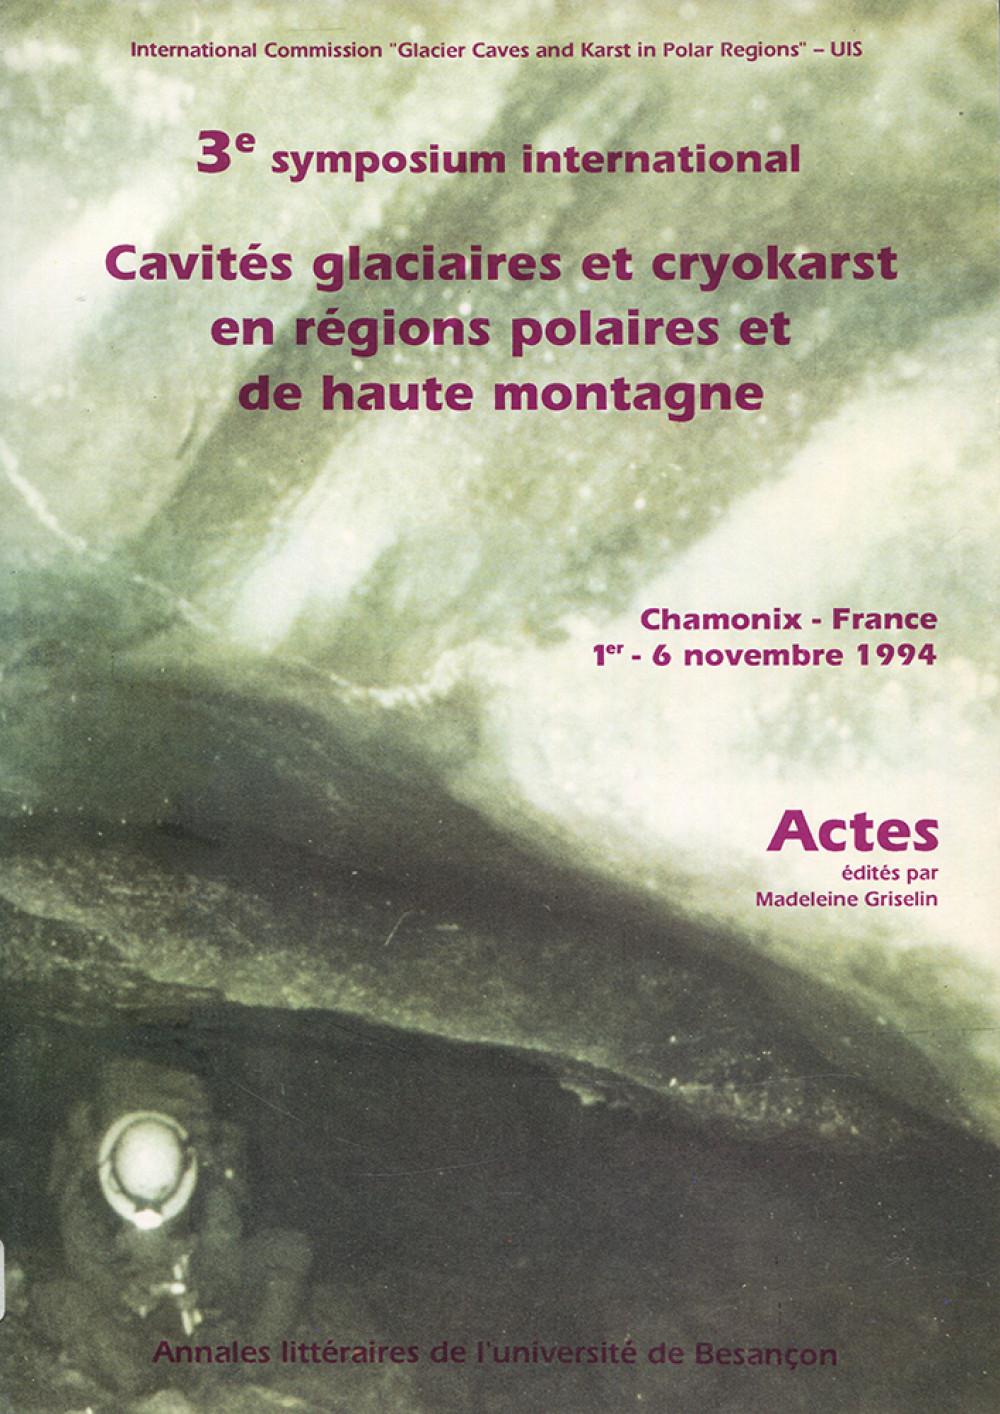 Cavités glaciaires et cryokarst en région polaires et de haute-montagne